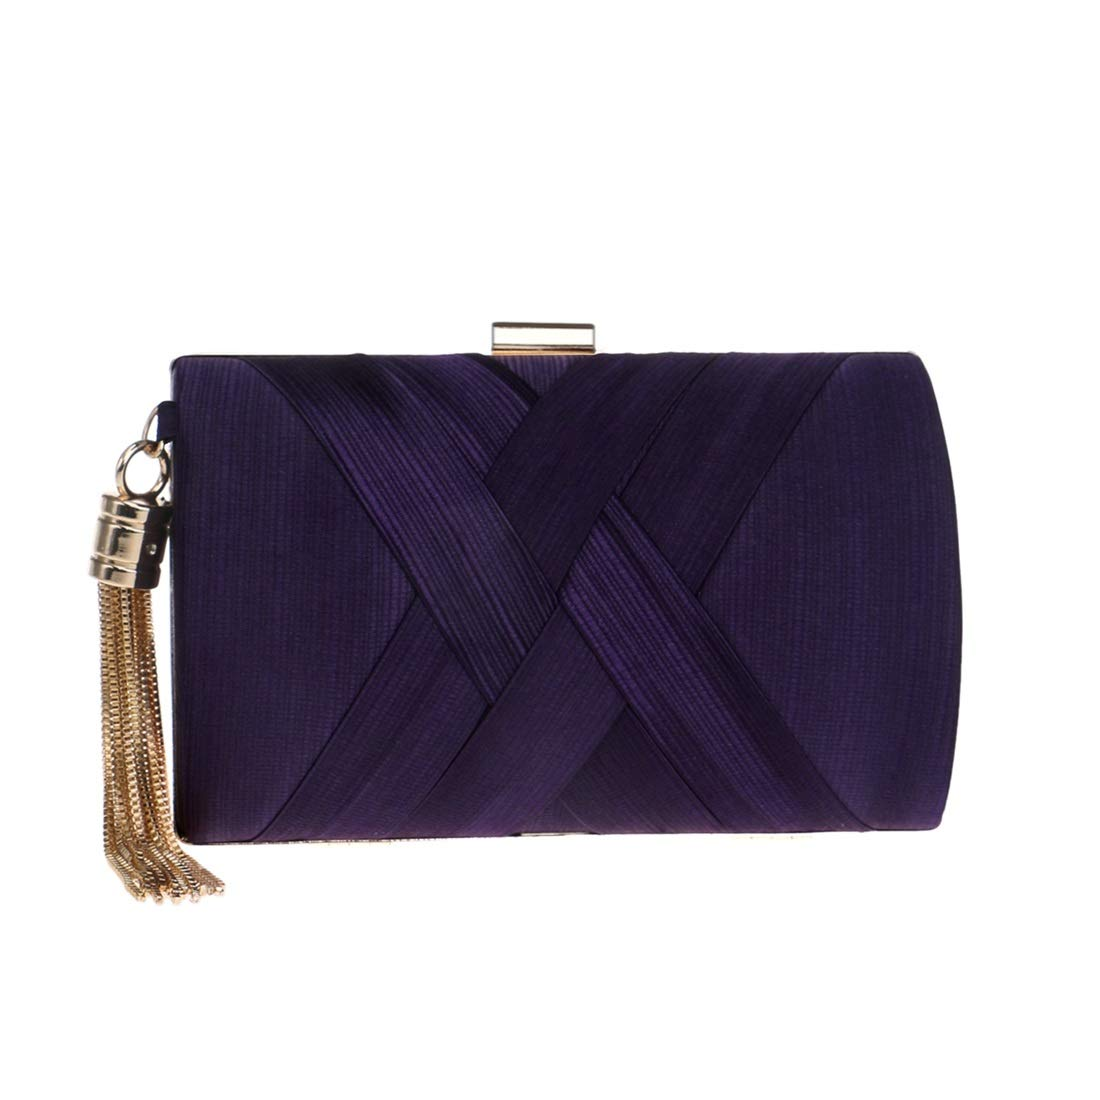 FELICIOO Elegante Damen Clutch Abend Prom Handtasche Geldbörse (Farbe   lila) B07KXXF54W Clutches Ausgezeichnete Qualität